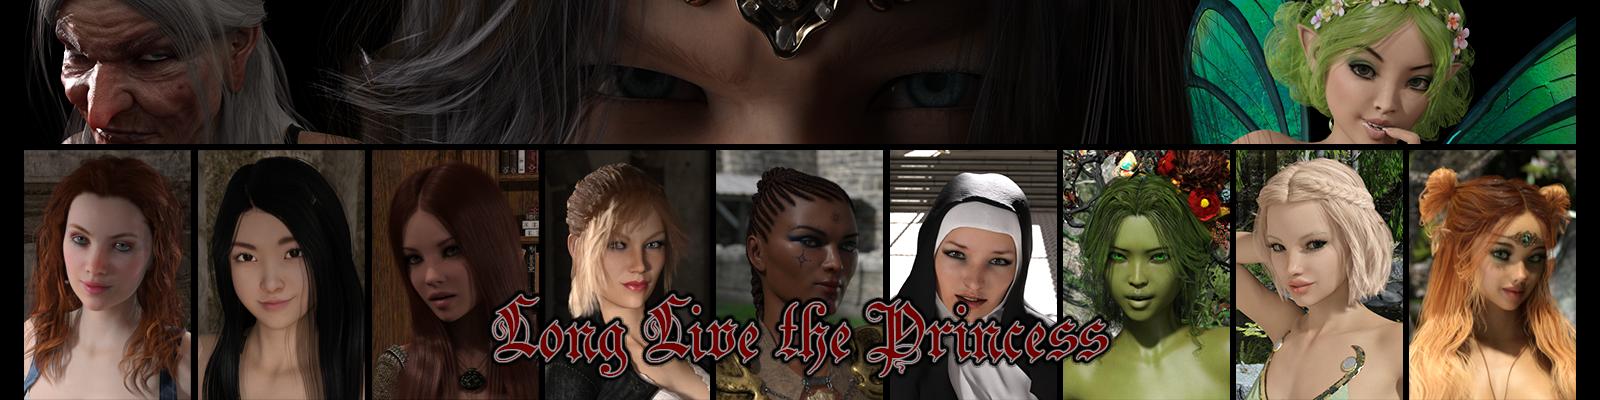 Long Live the Princess [Belle]